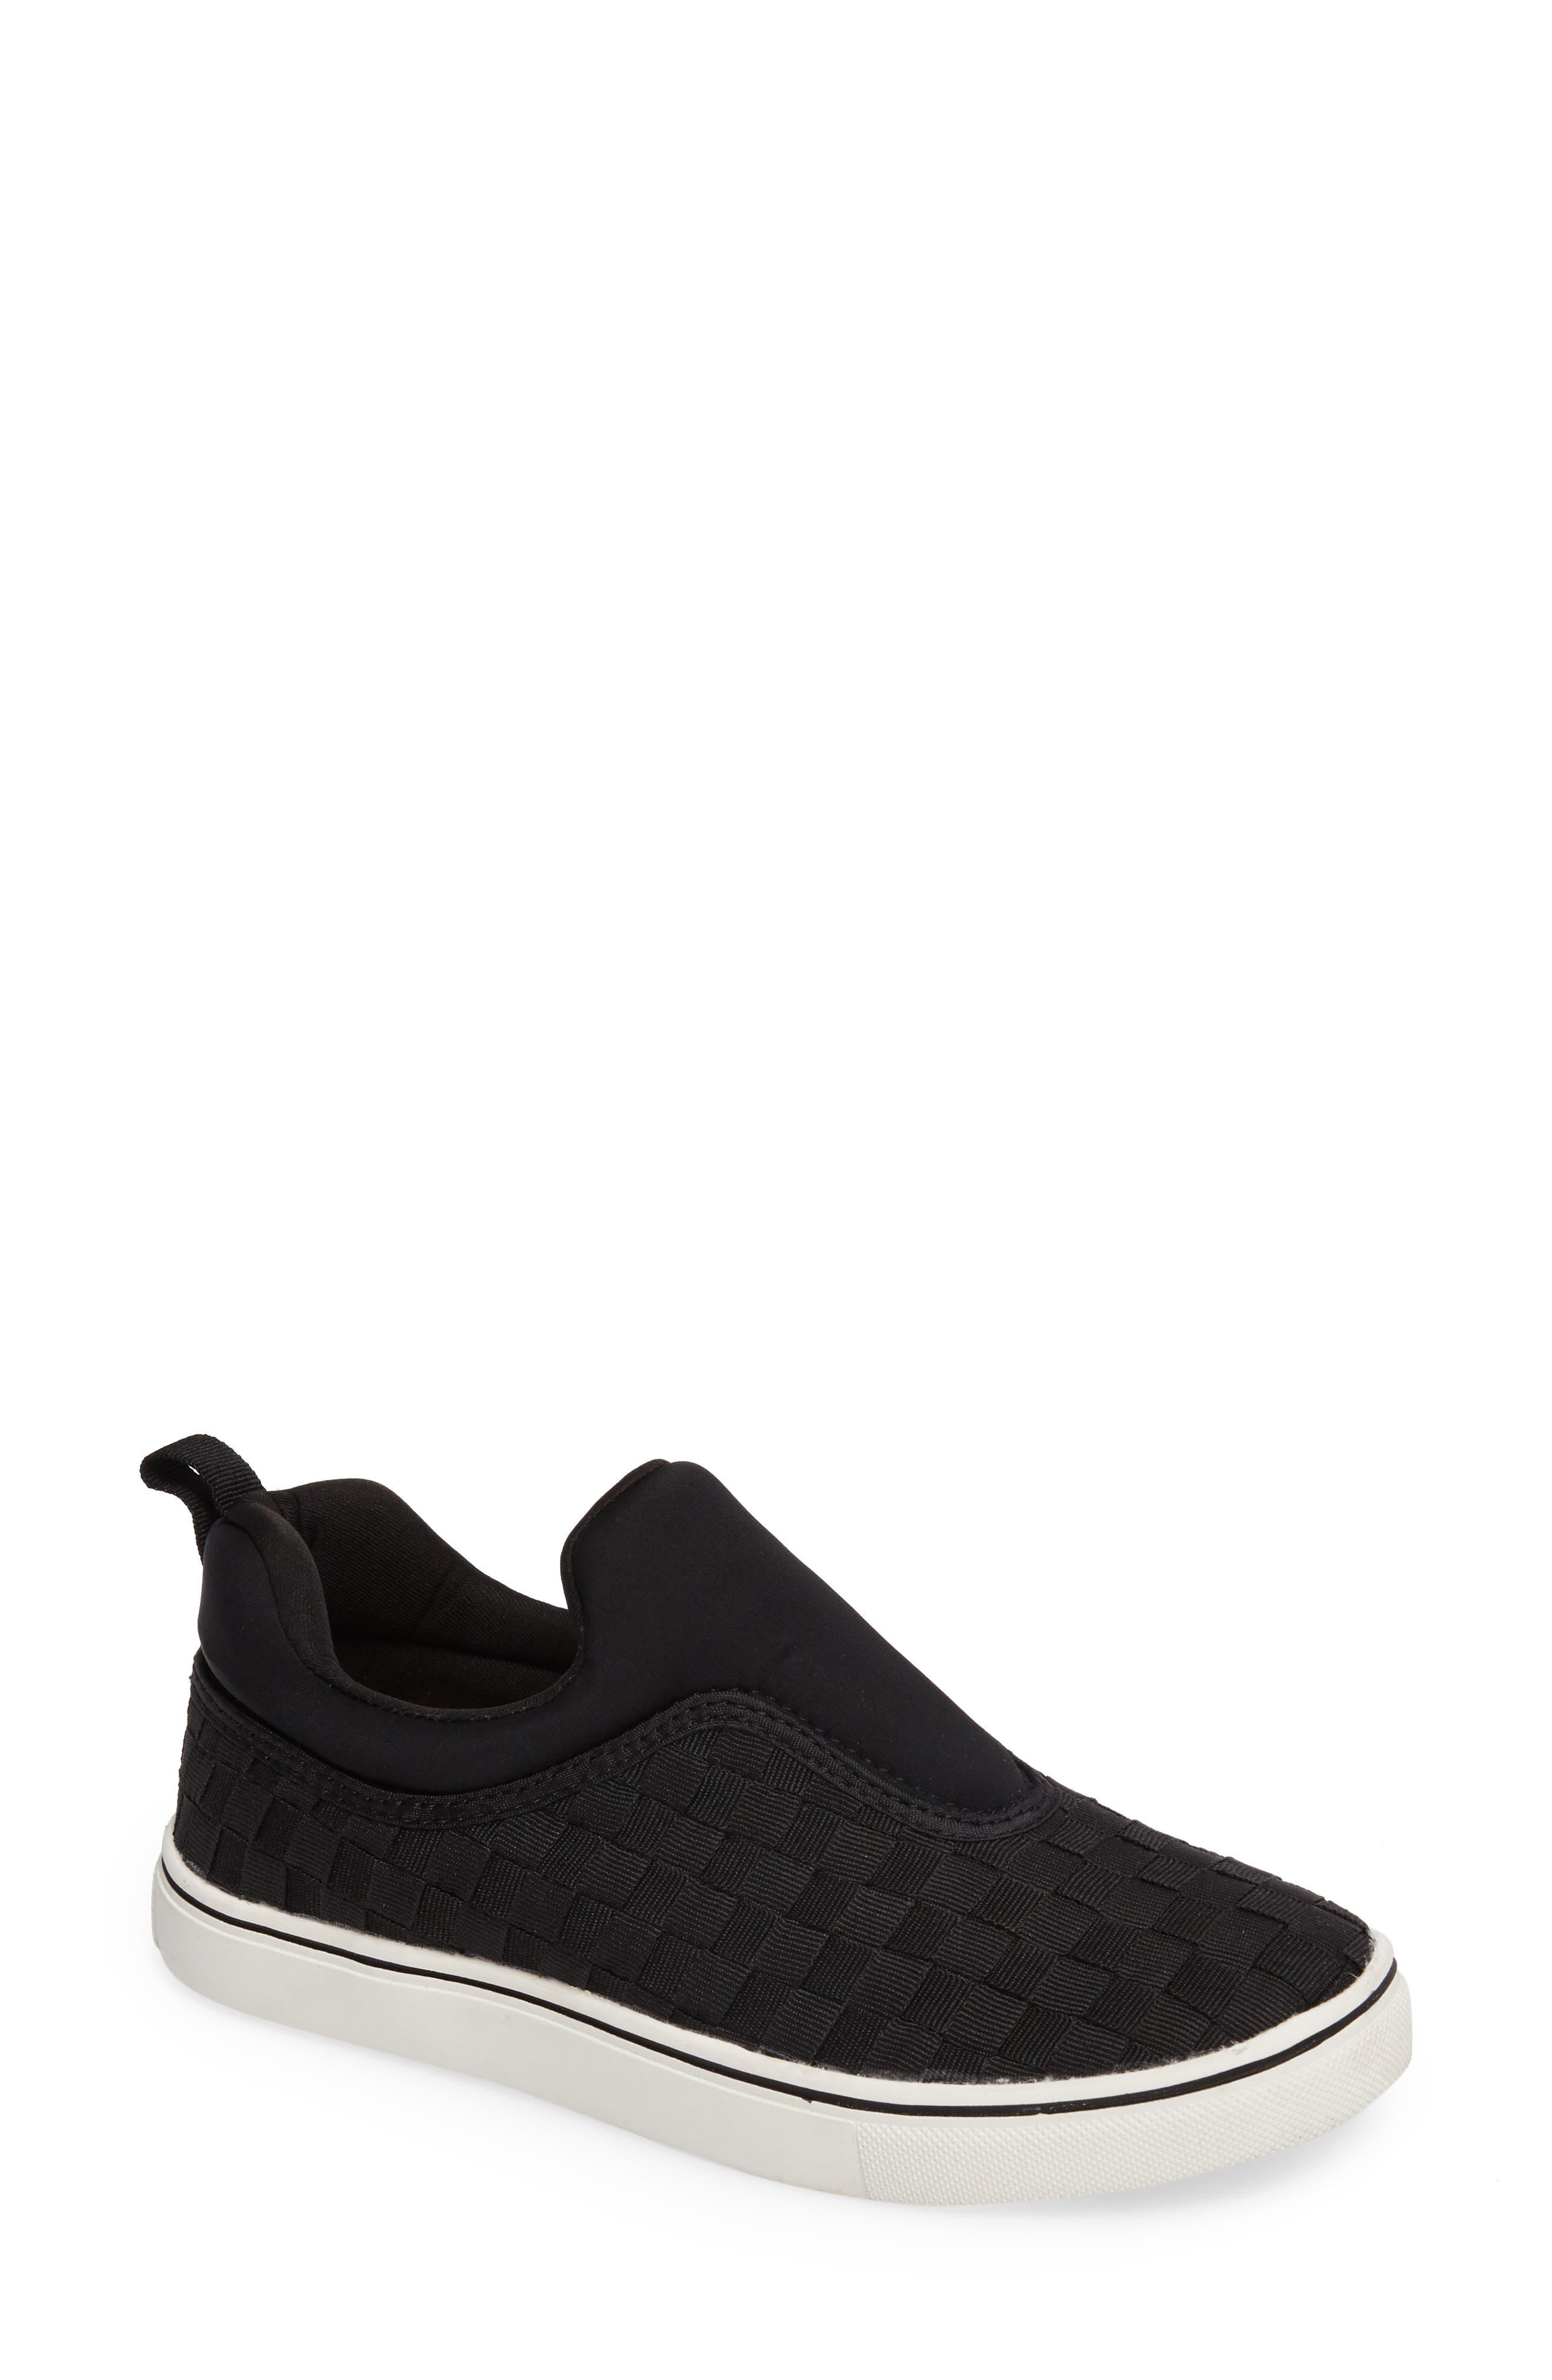 Bernie Mev Joan Slip-On Sneaker, Black